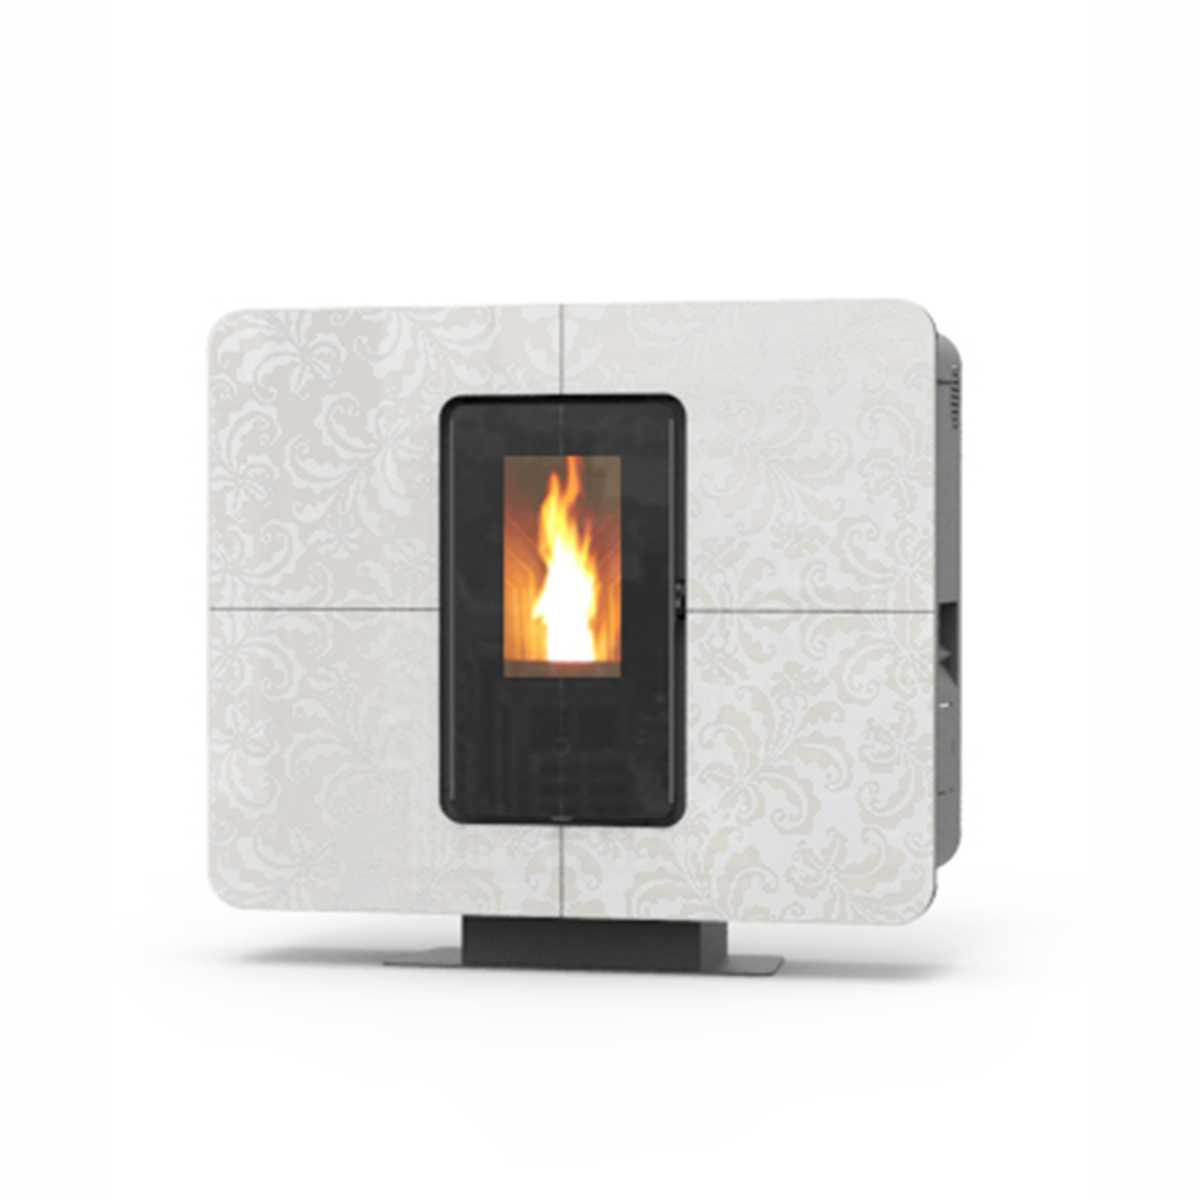 Termostufa a pellet modello  'SlimQuadro Idra' design salvaspazio con decorazione floreale by Thermorossi